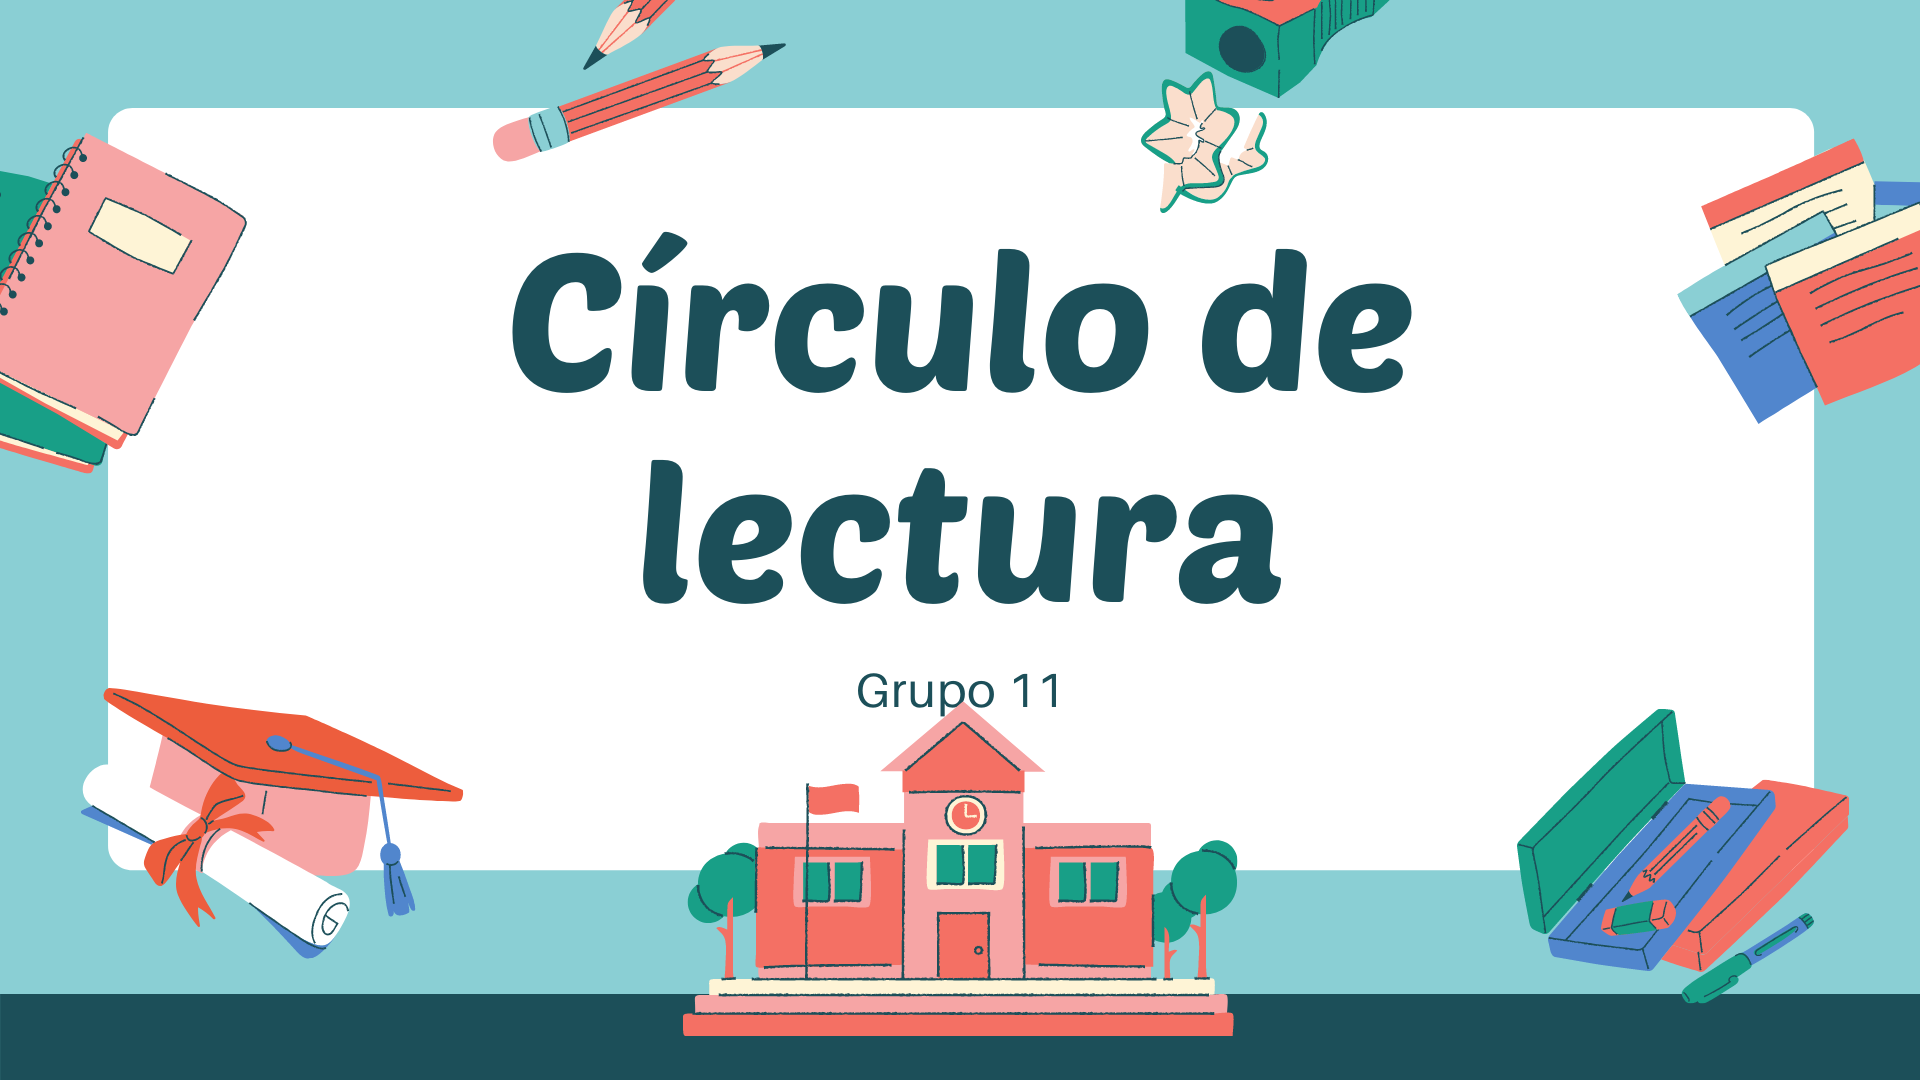 GRUPO 11 CIRCULO DE LECTURA